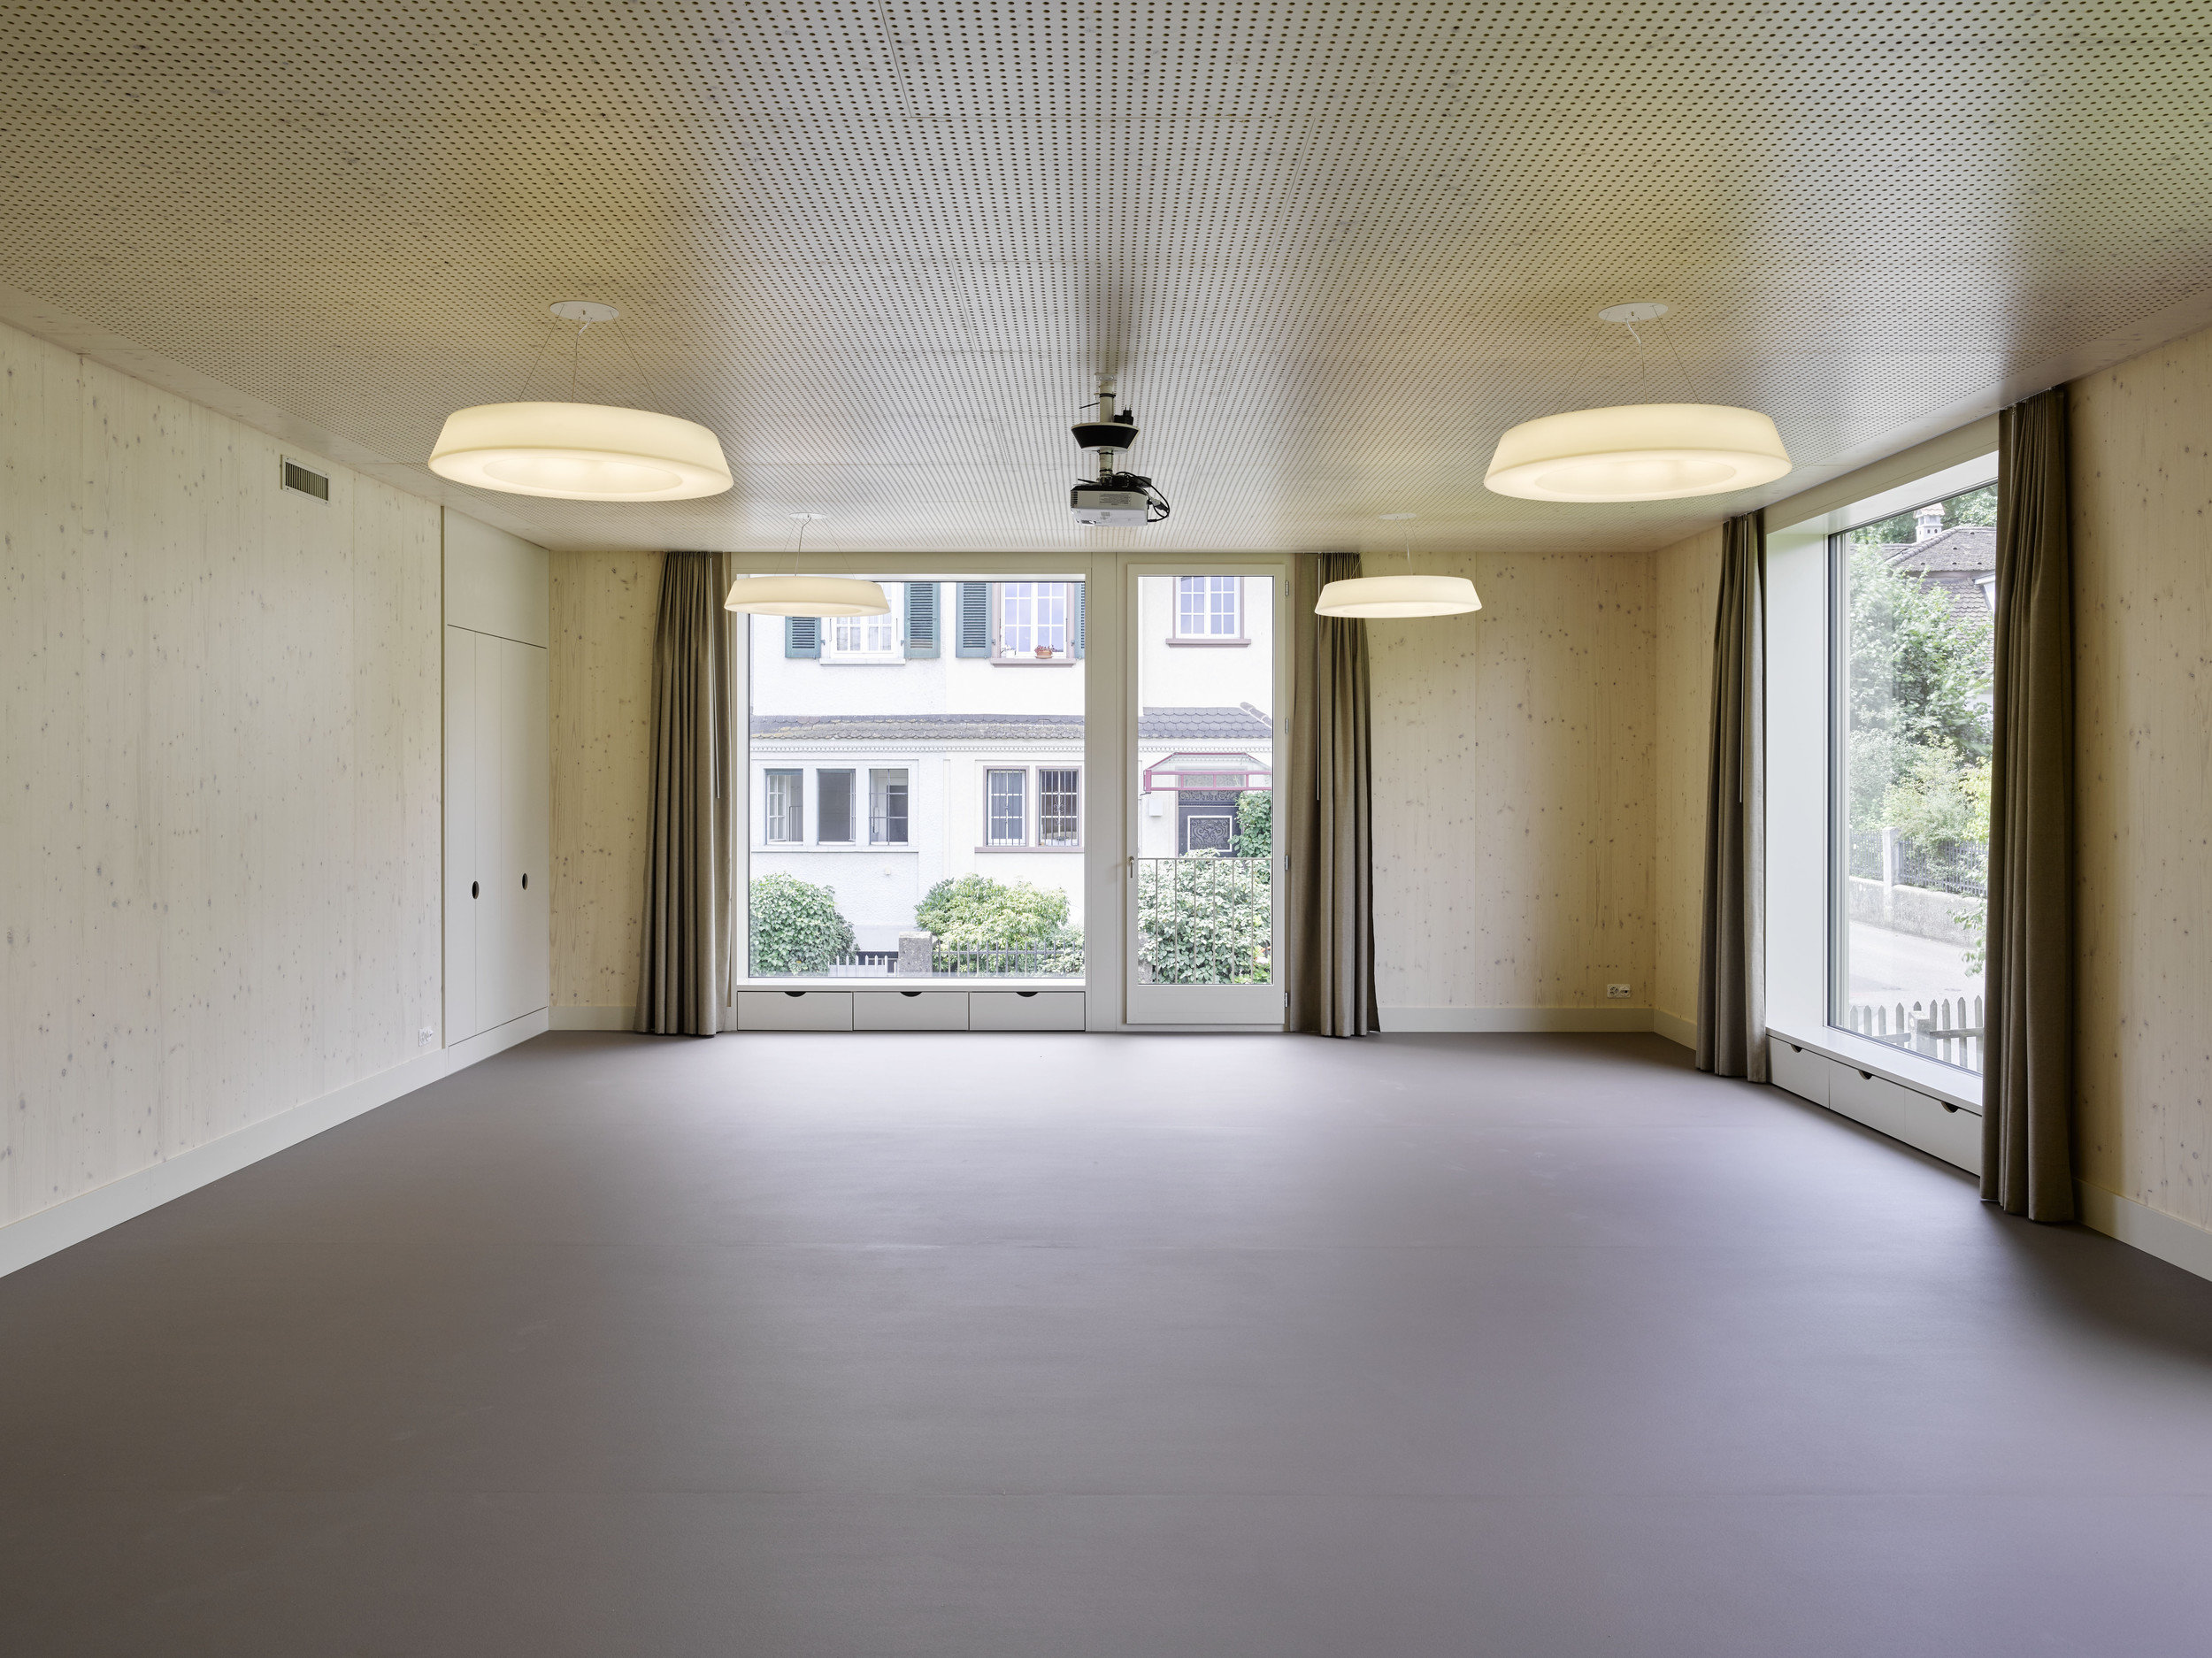 unmöblierter Raum mit 2 raumhohen 2-teiligen Fensterelementen